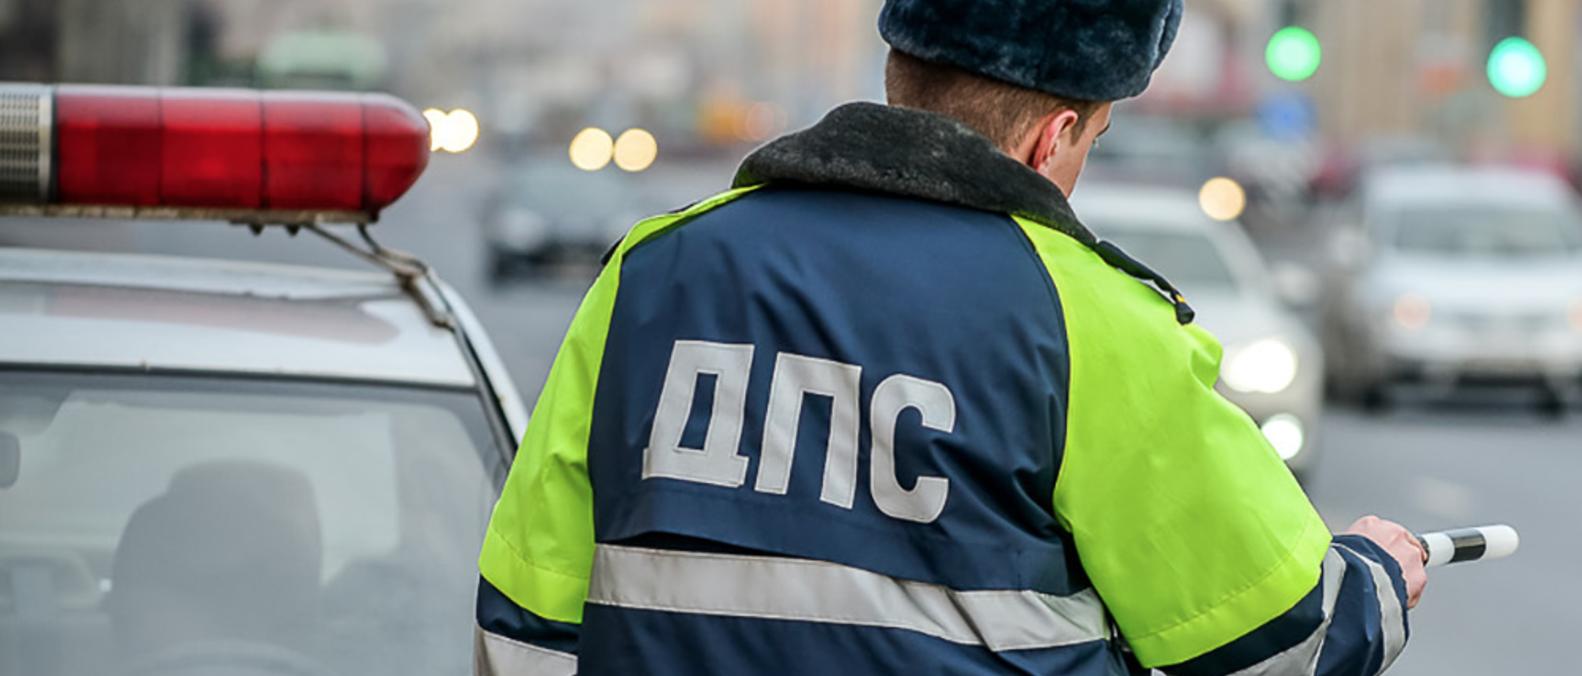 Брянская ГИБДД вновь предупредила о сплошных проверках